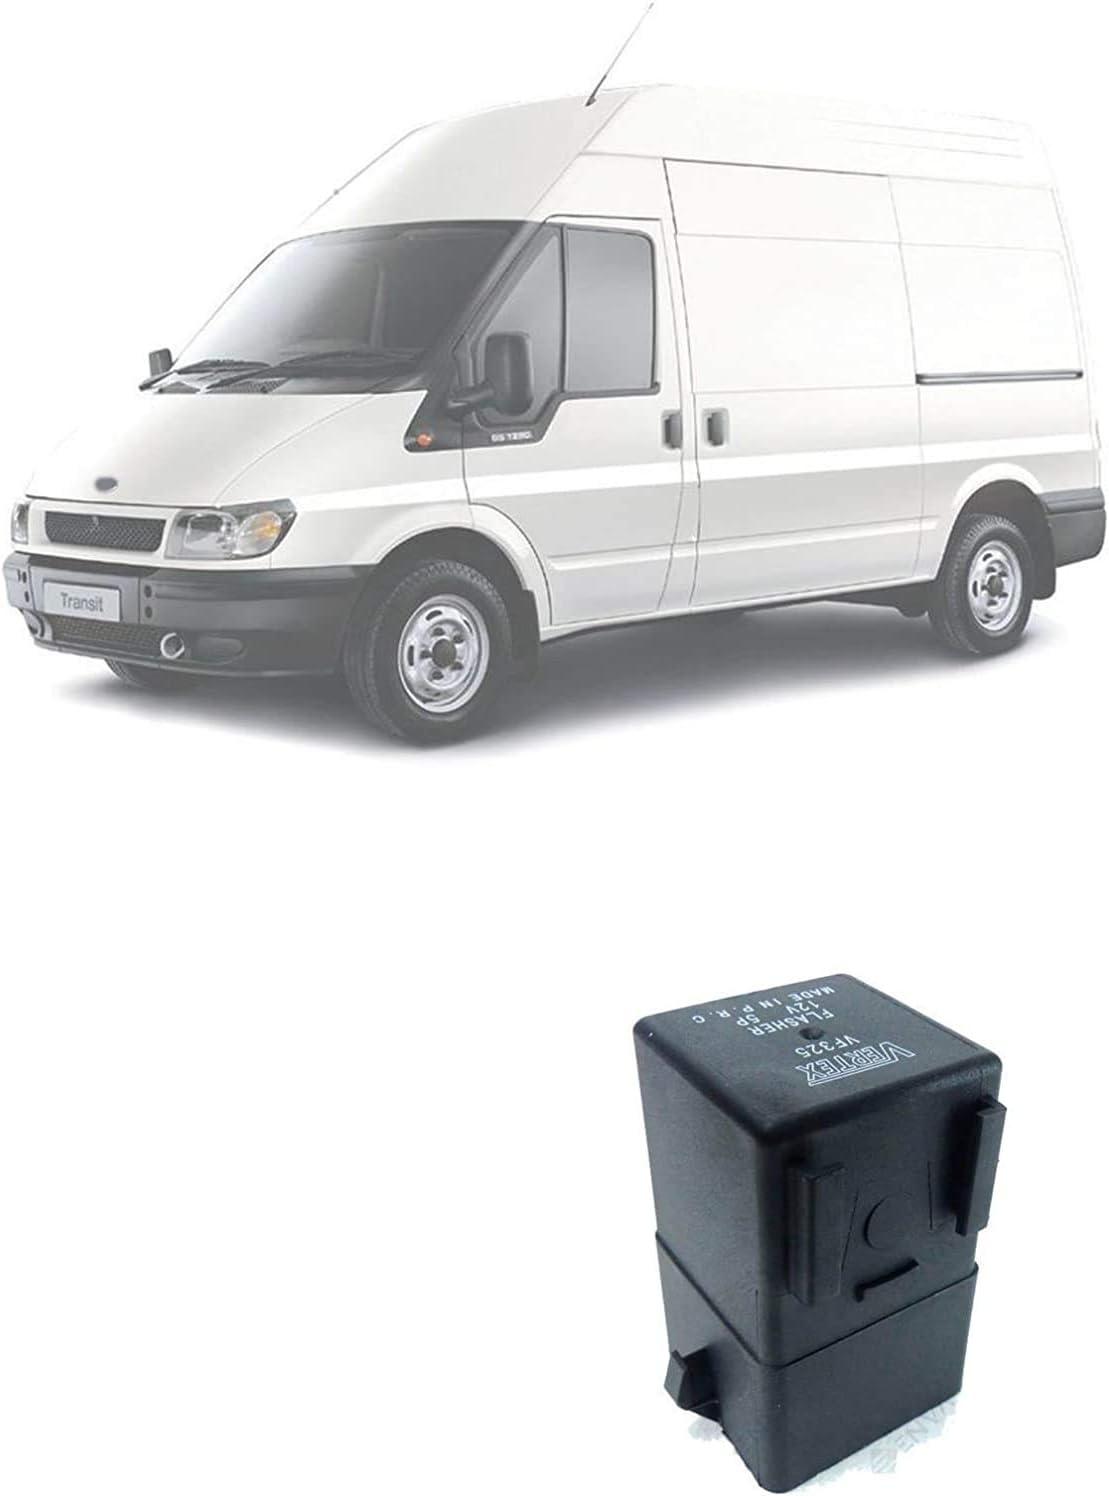 Interruttore lampeggiante rel/è 12V 5 Pin per Transit Connect 2002-2013 4162892